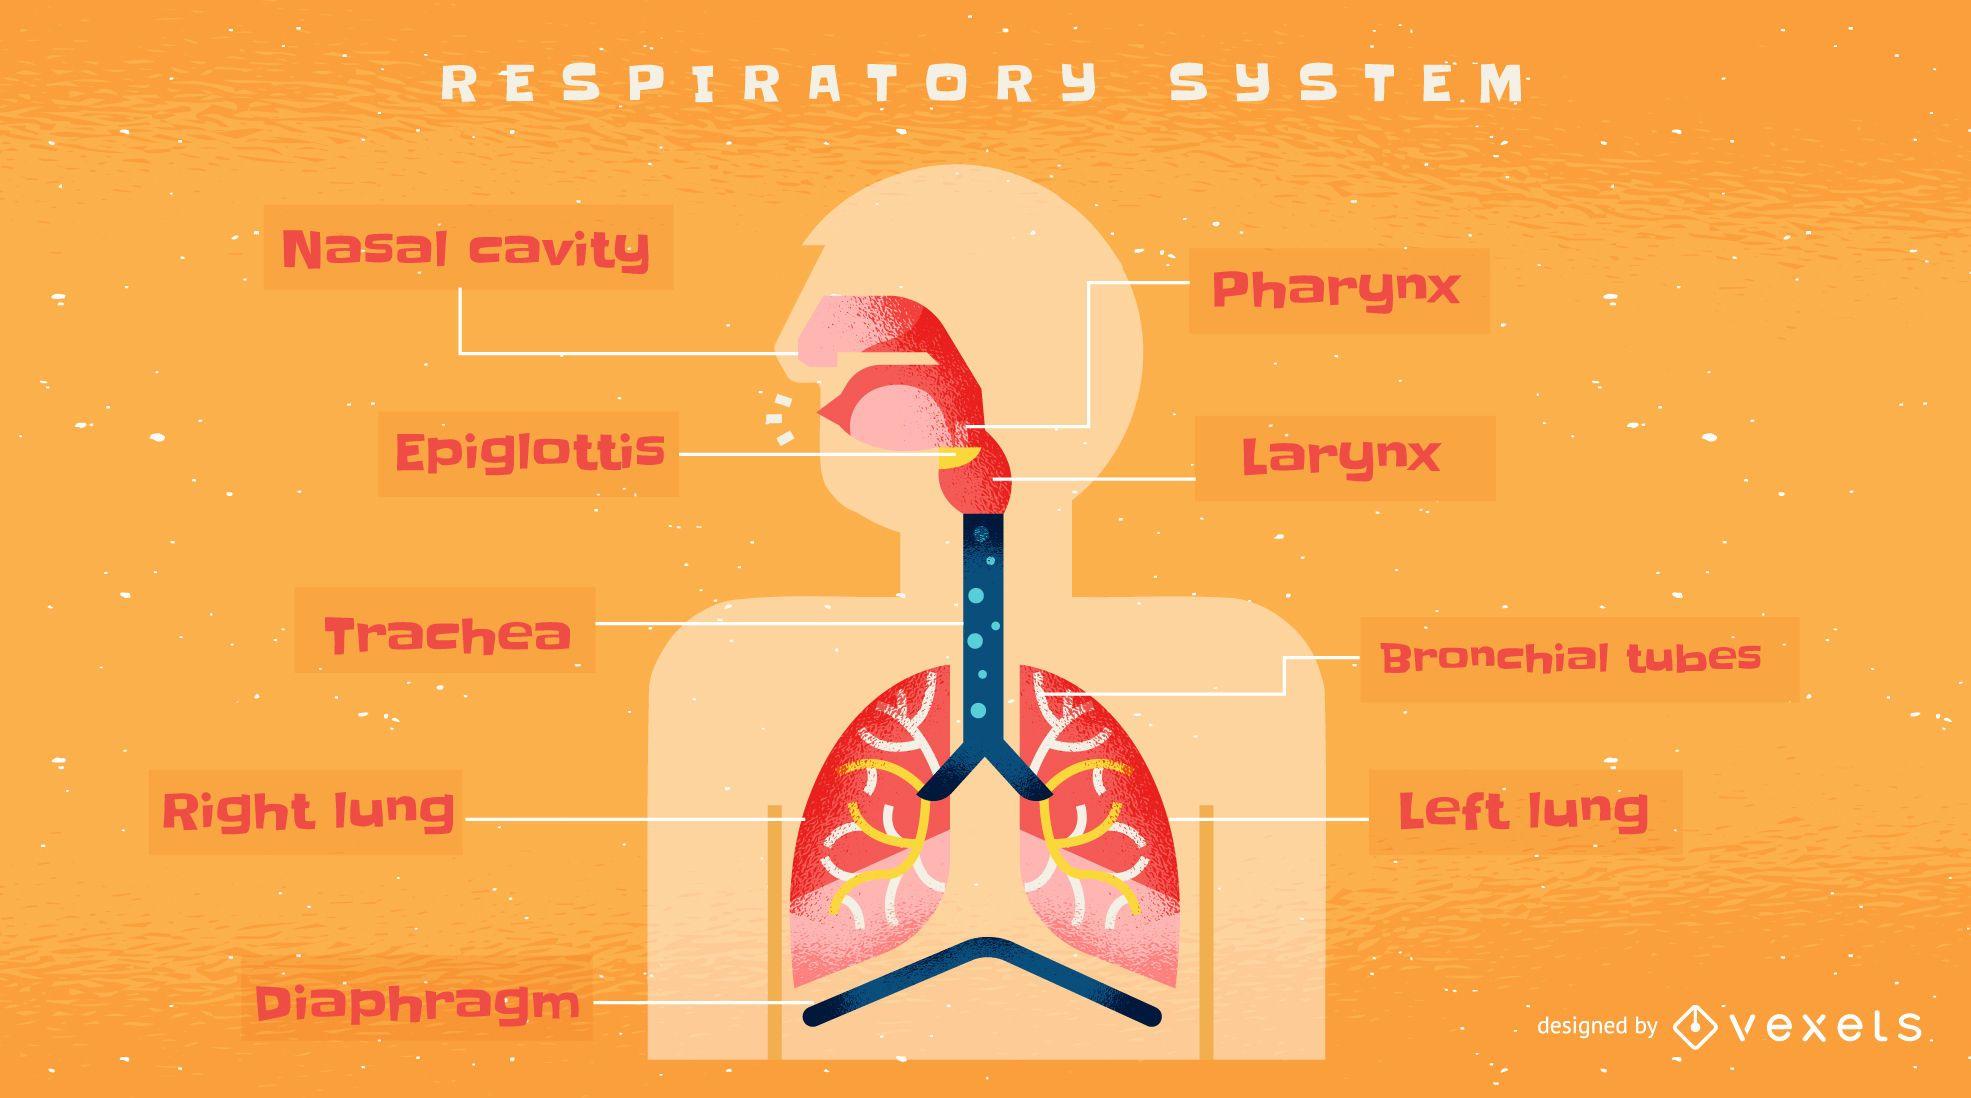 Plantilla de infograf?a del sistema respiratorio humano